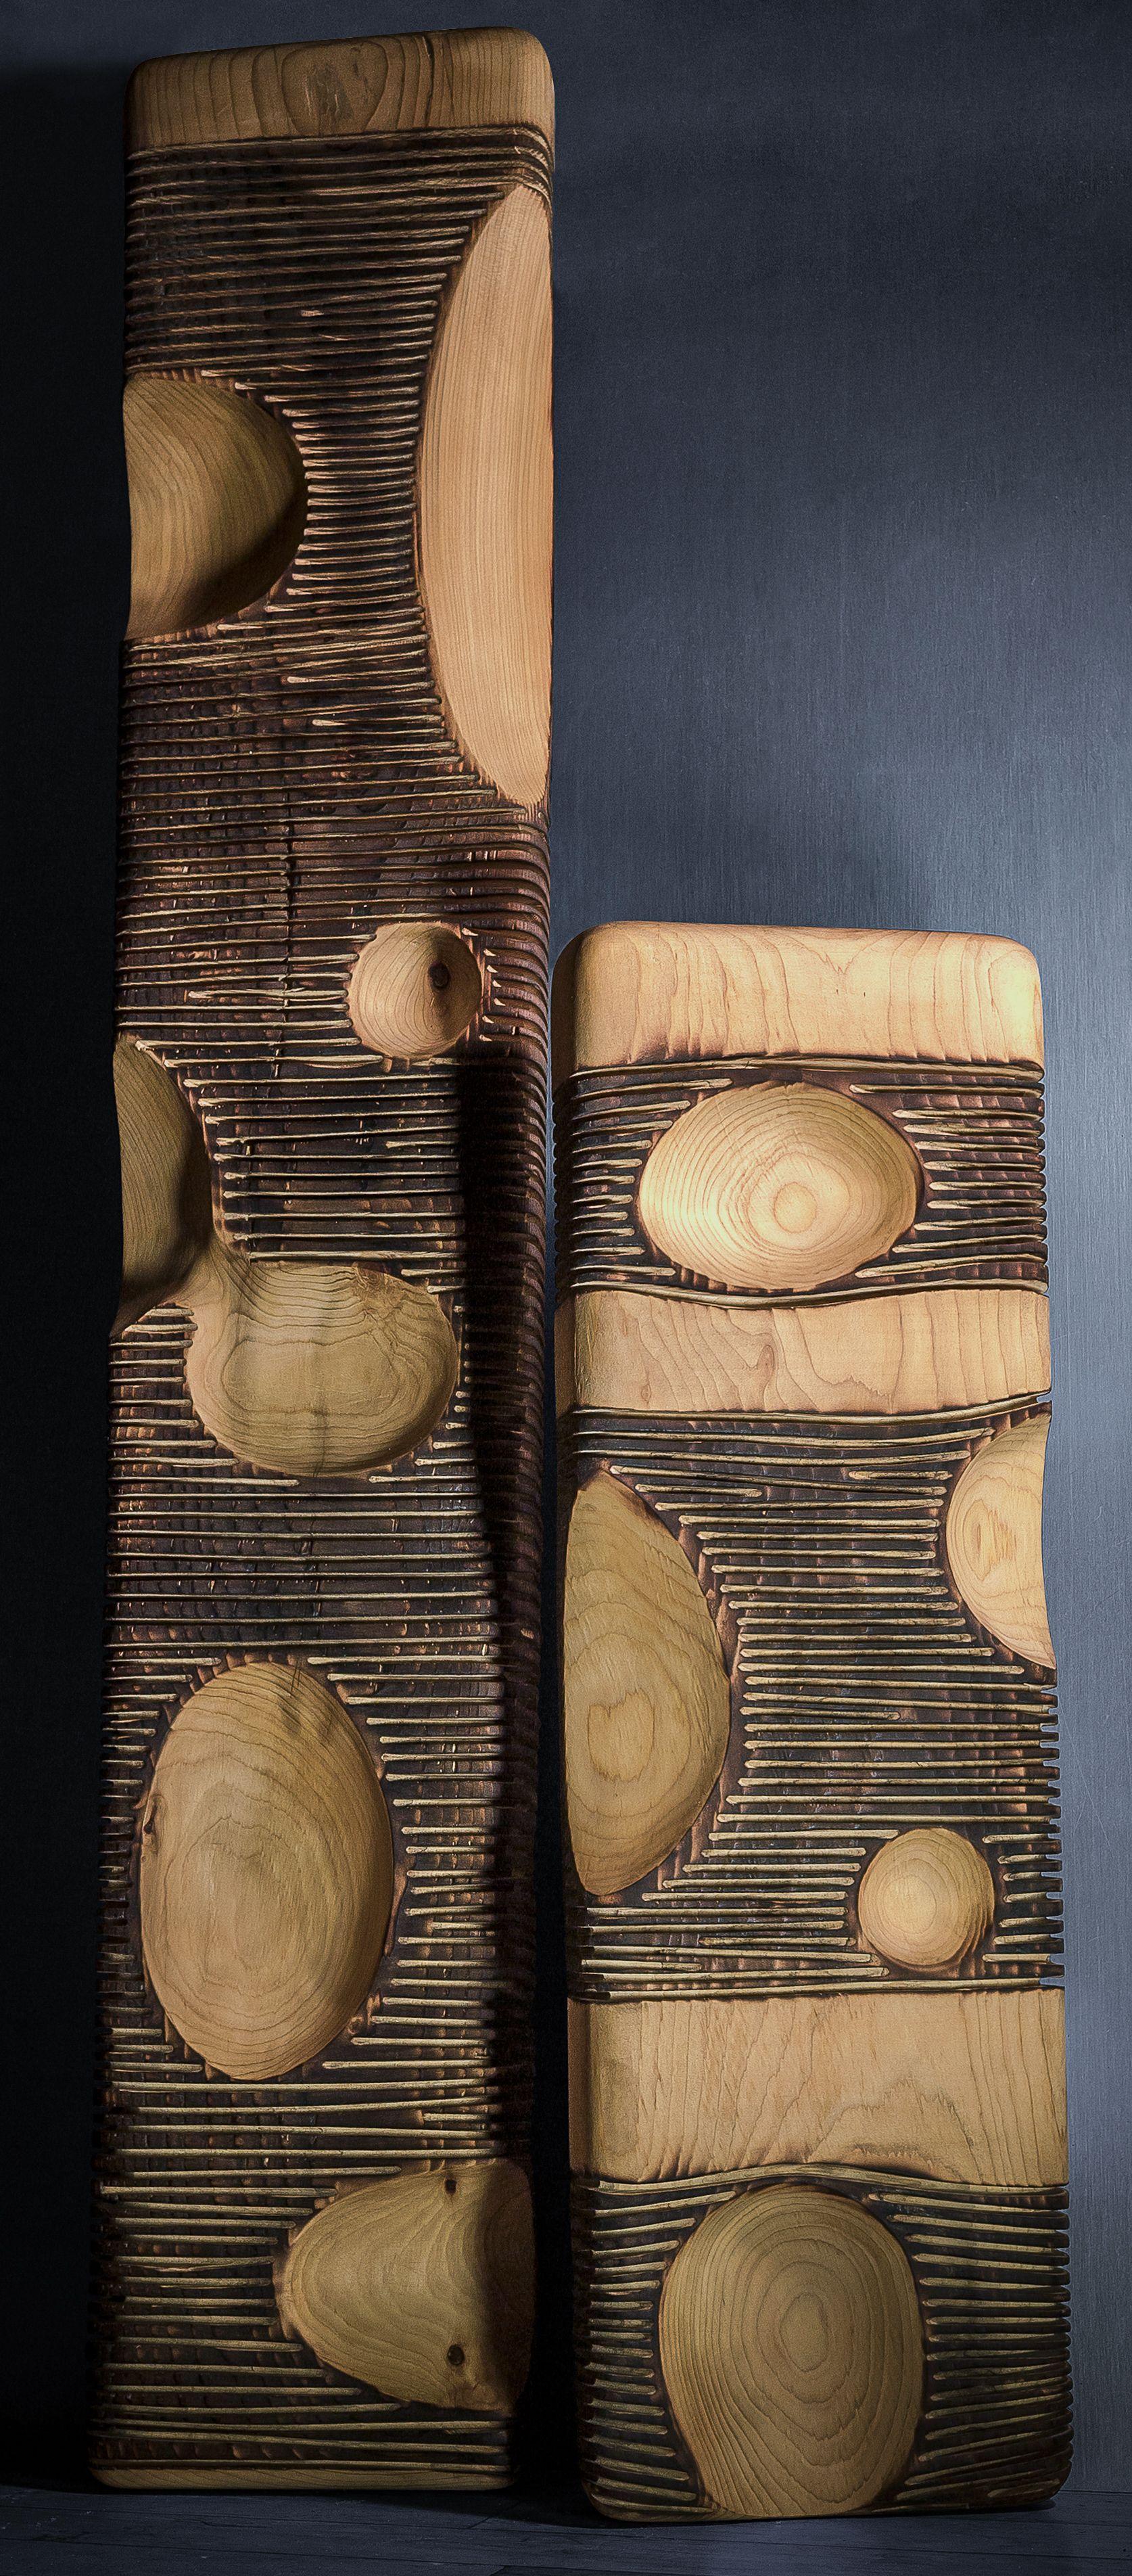 st phane derozier le cr ateur br le superficiellement le bois et cr e les motifs en enl vent. Black Bedroom Furniture Sets. Home Design Ideas